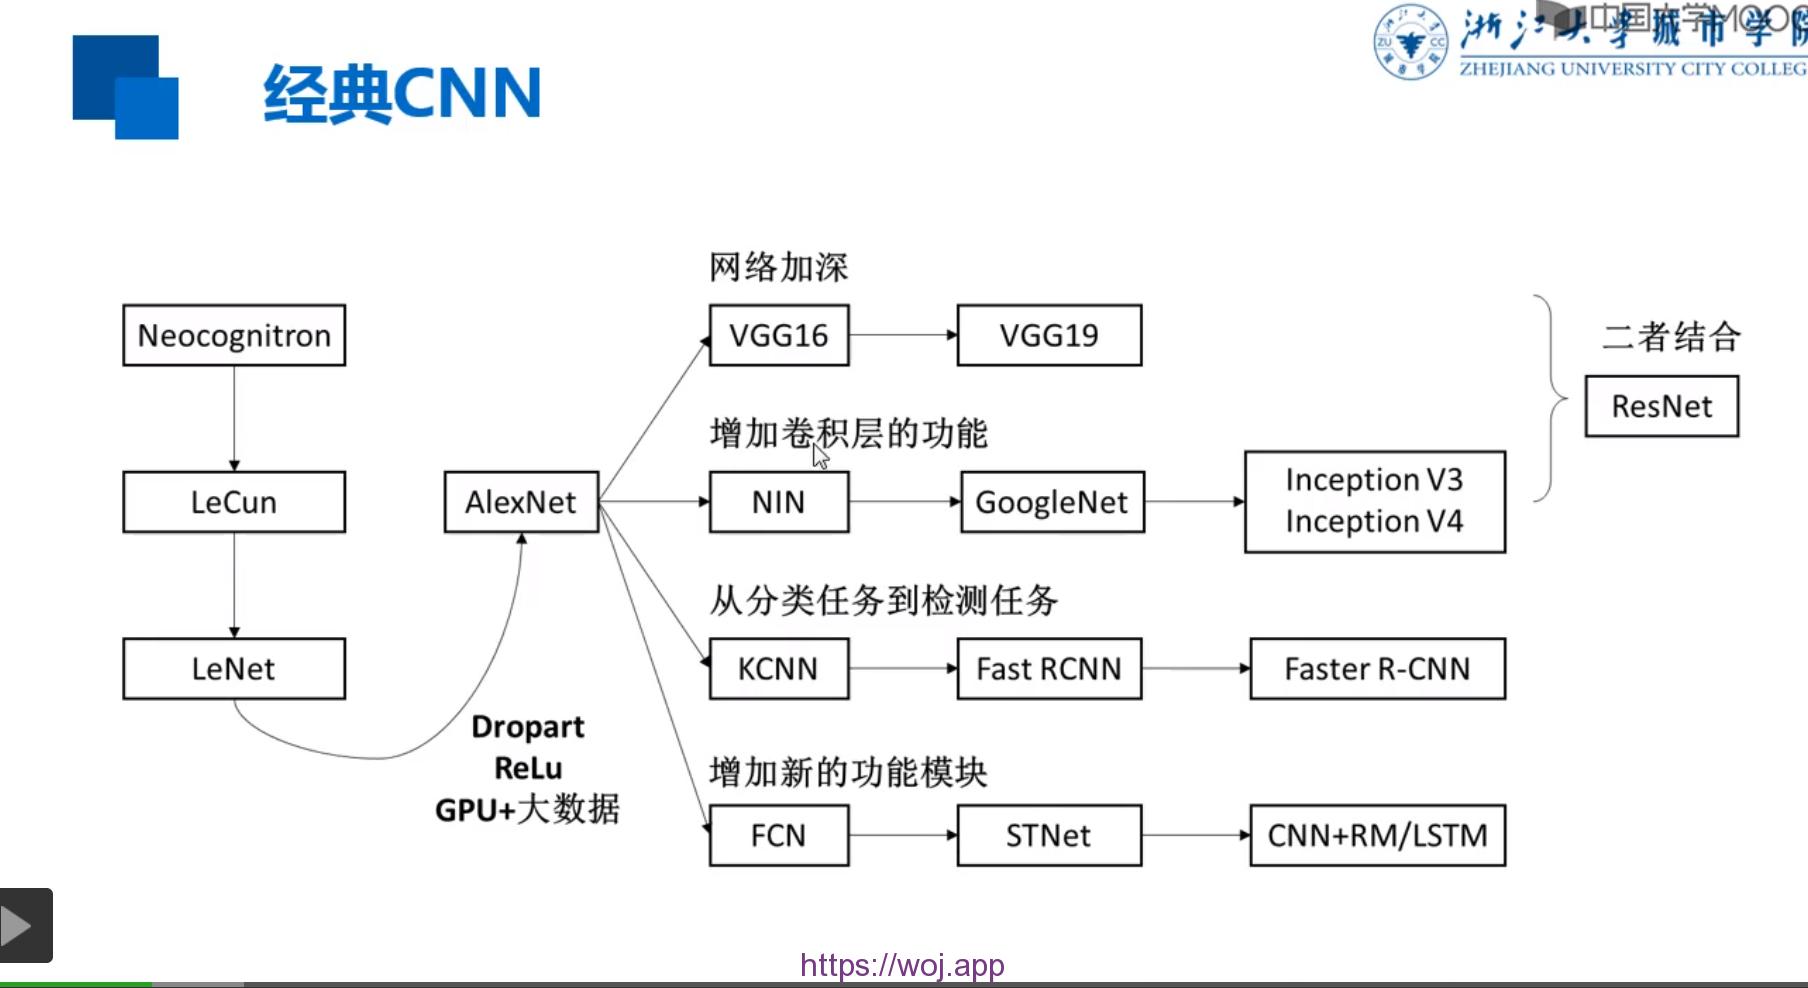 ImageNet图像分类模型  导入与使用